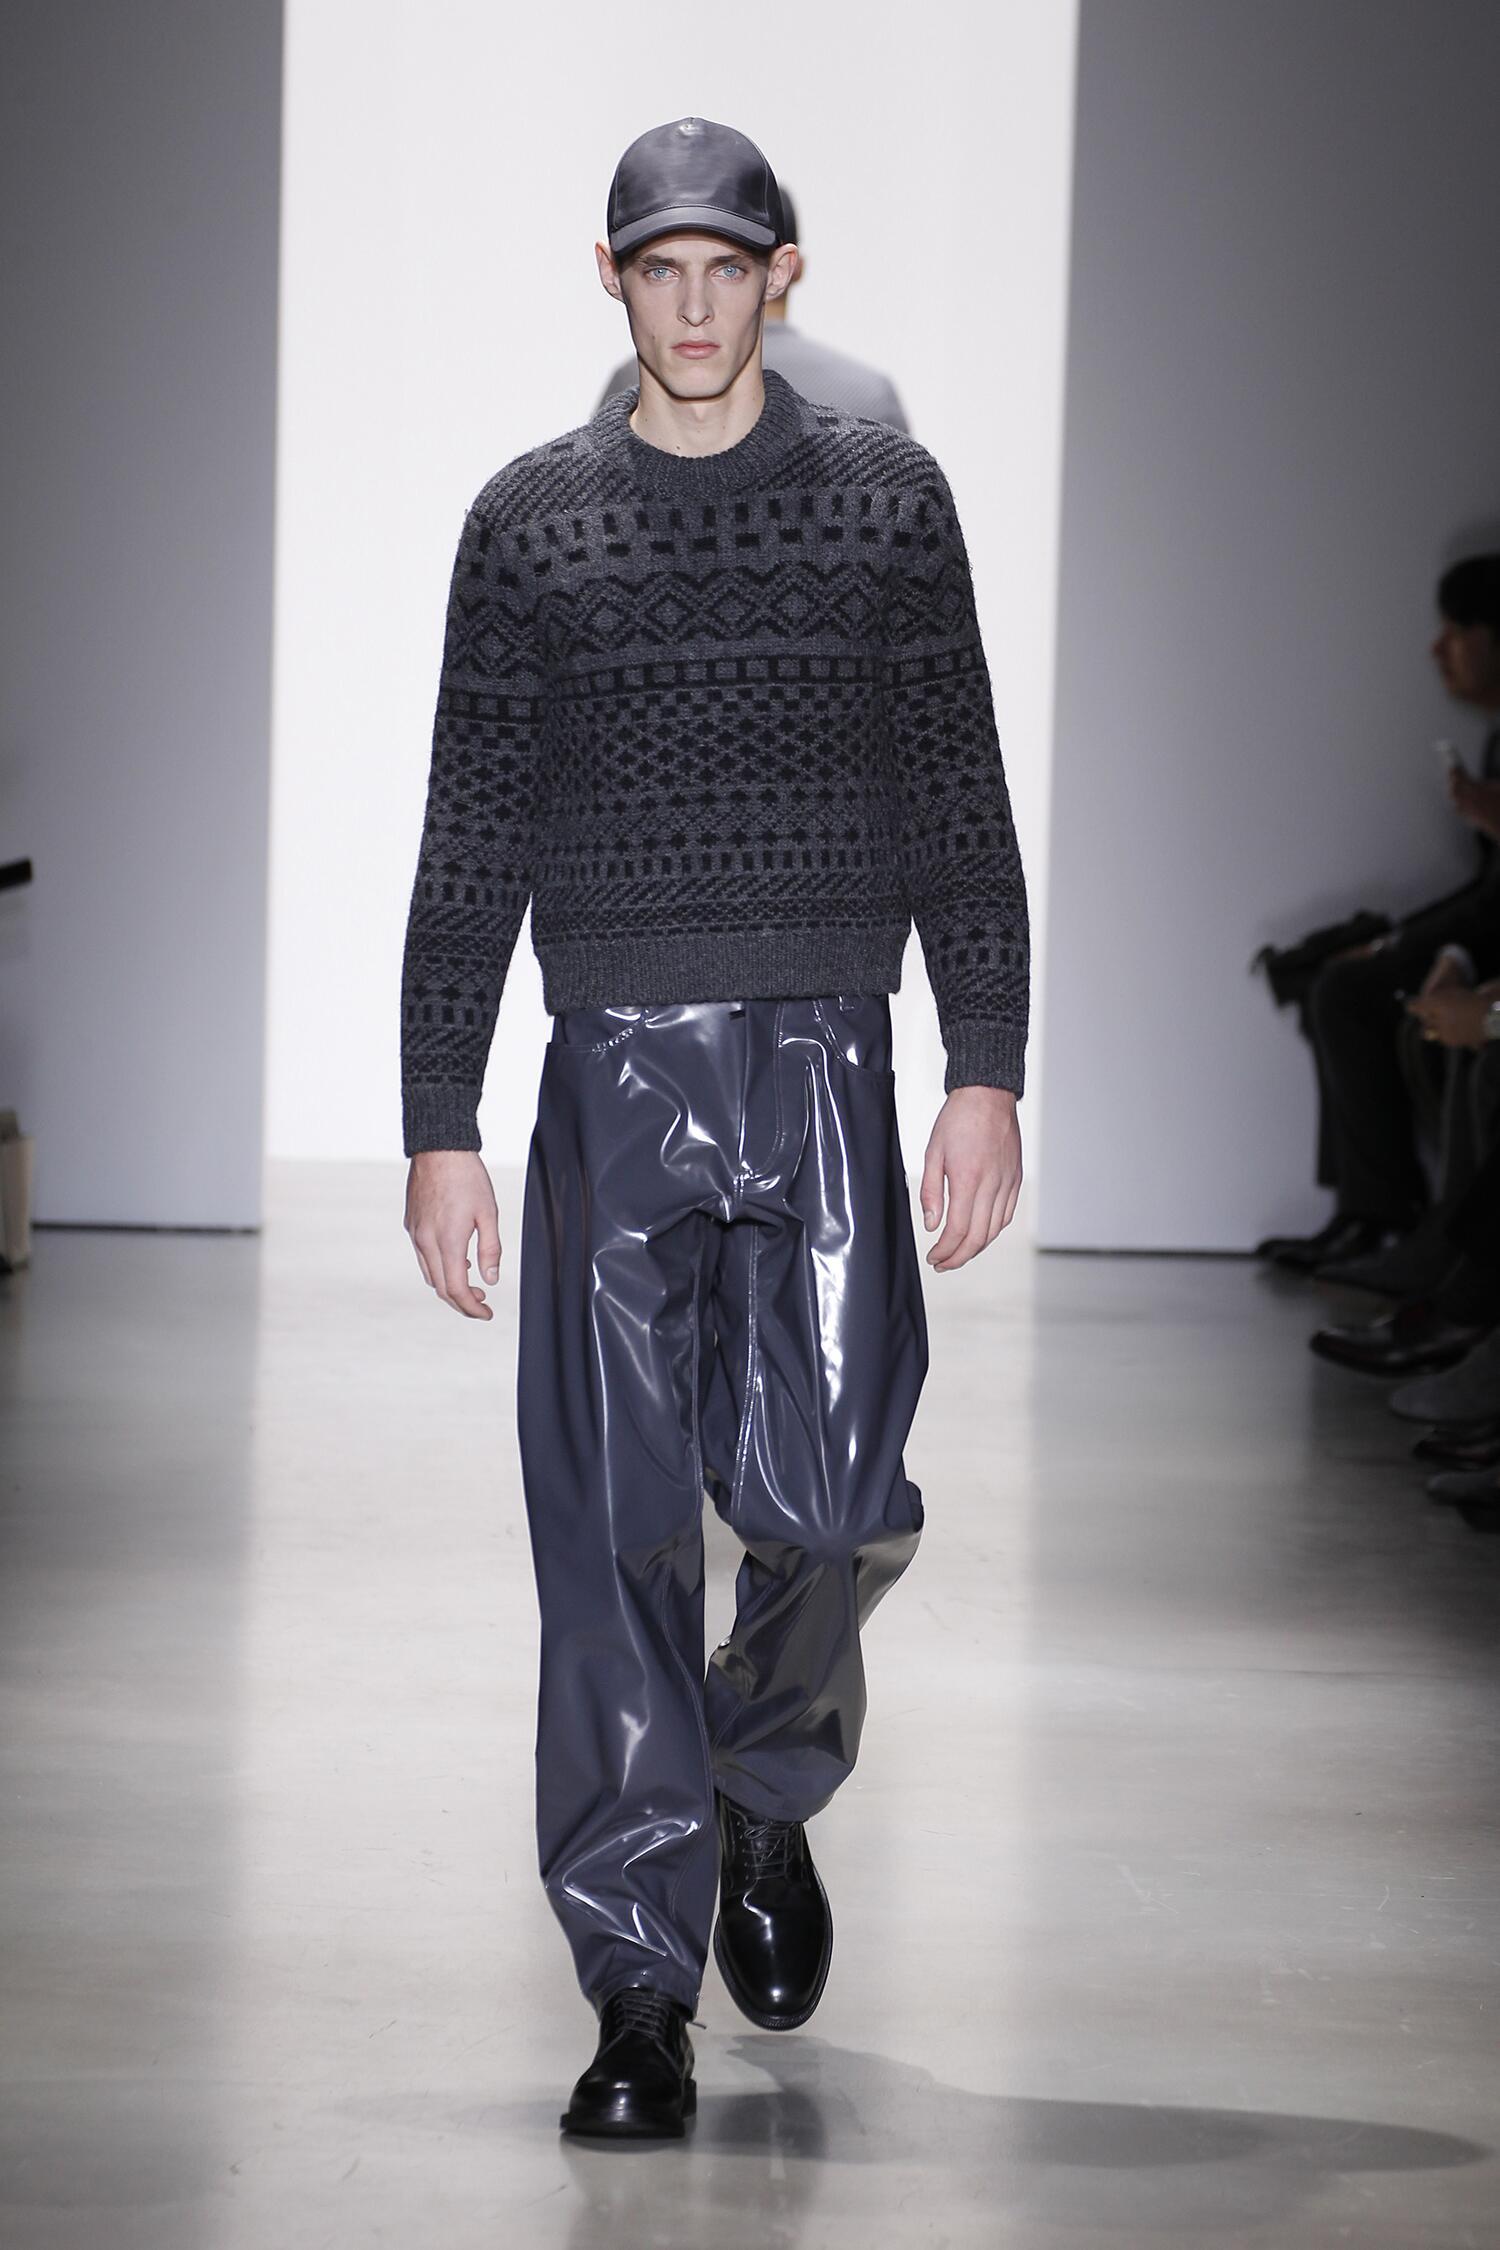 Catwalk Calvin Klein Collection Fashion Show Winter 2015